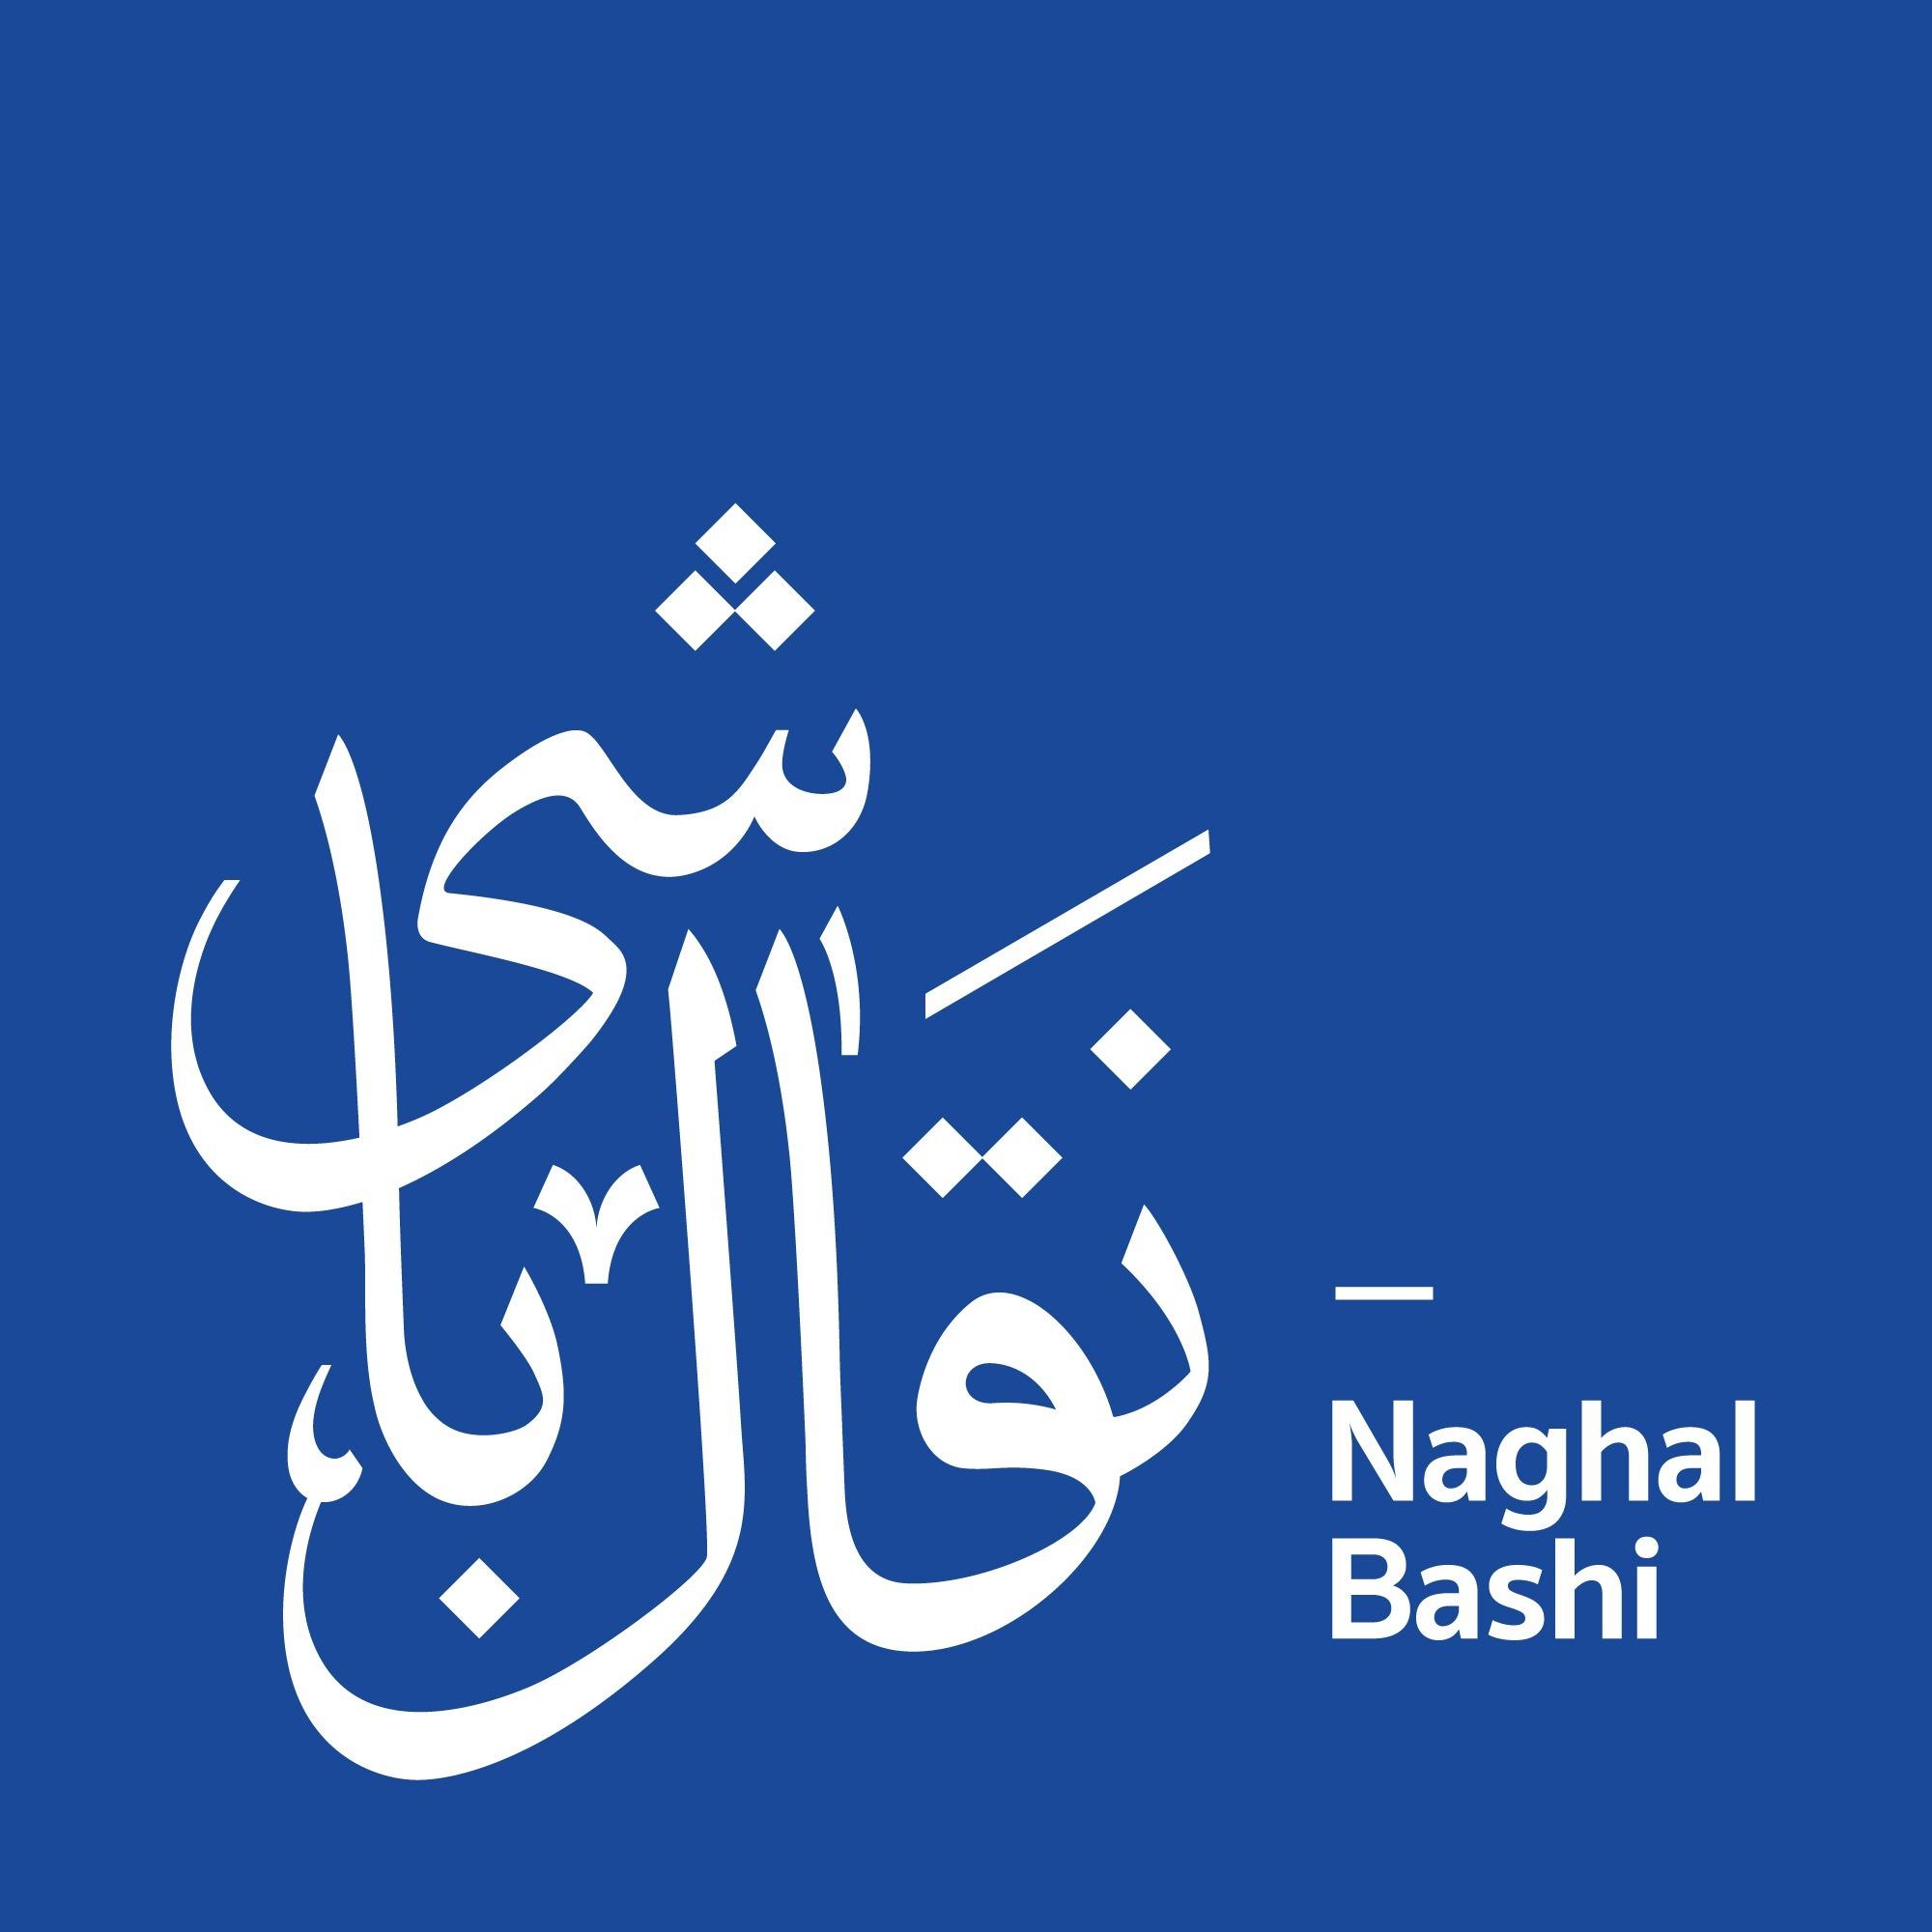 نقال باشی - Naghal Bashi